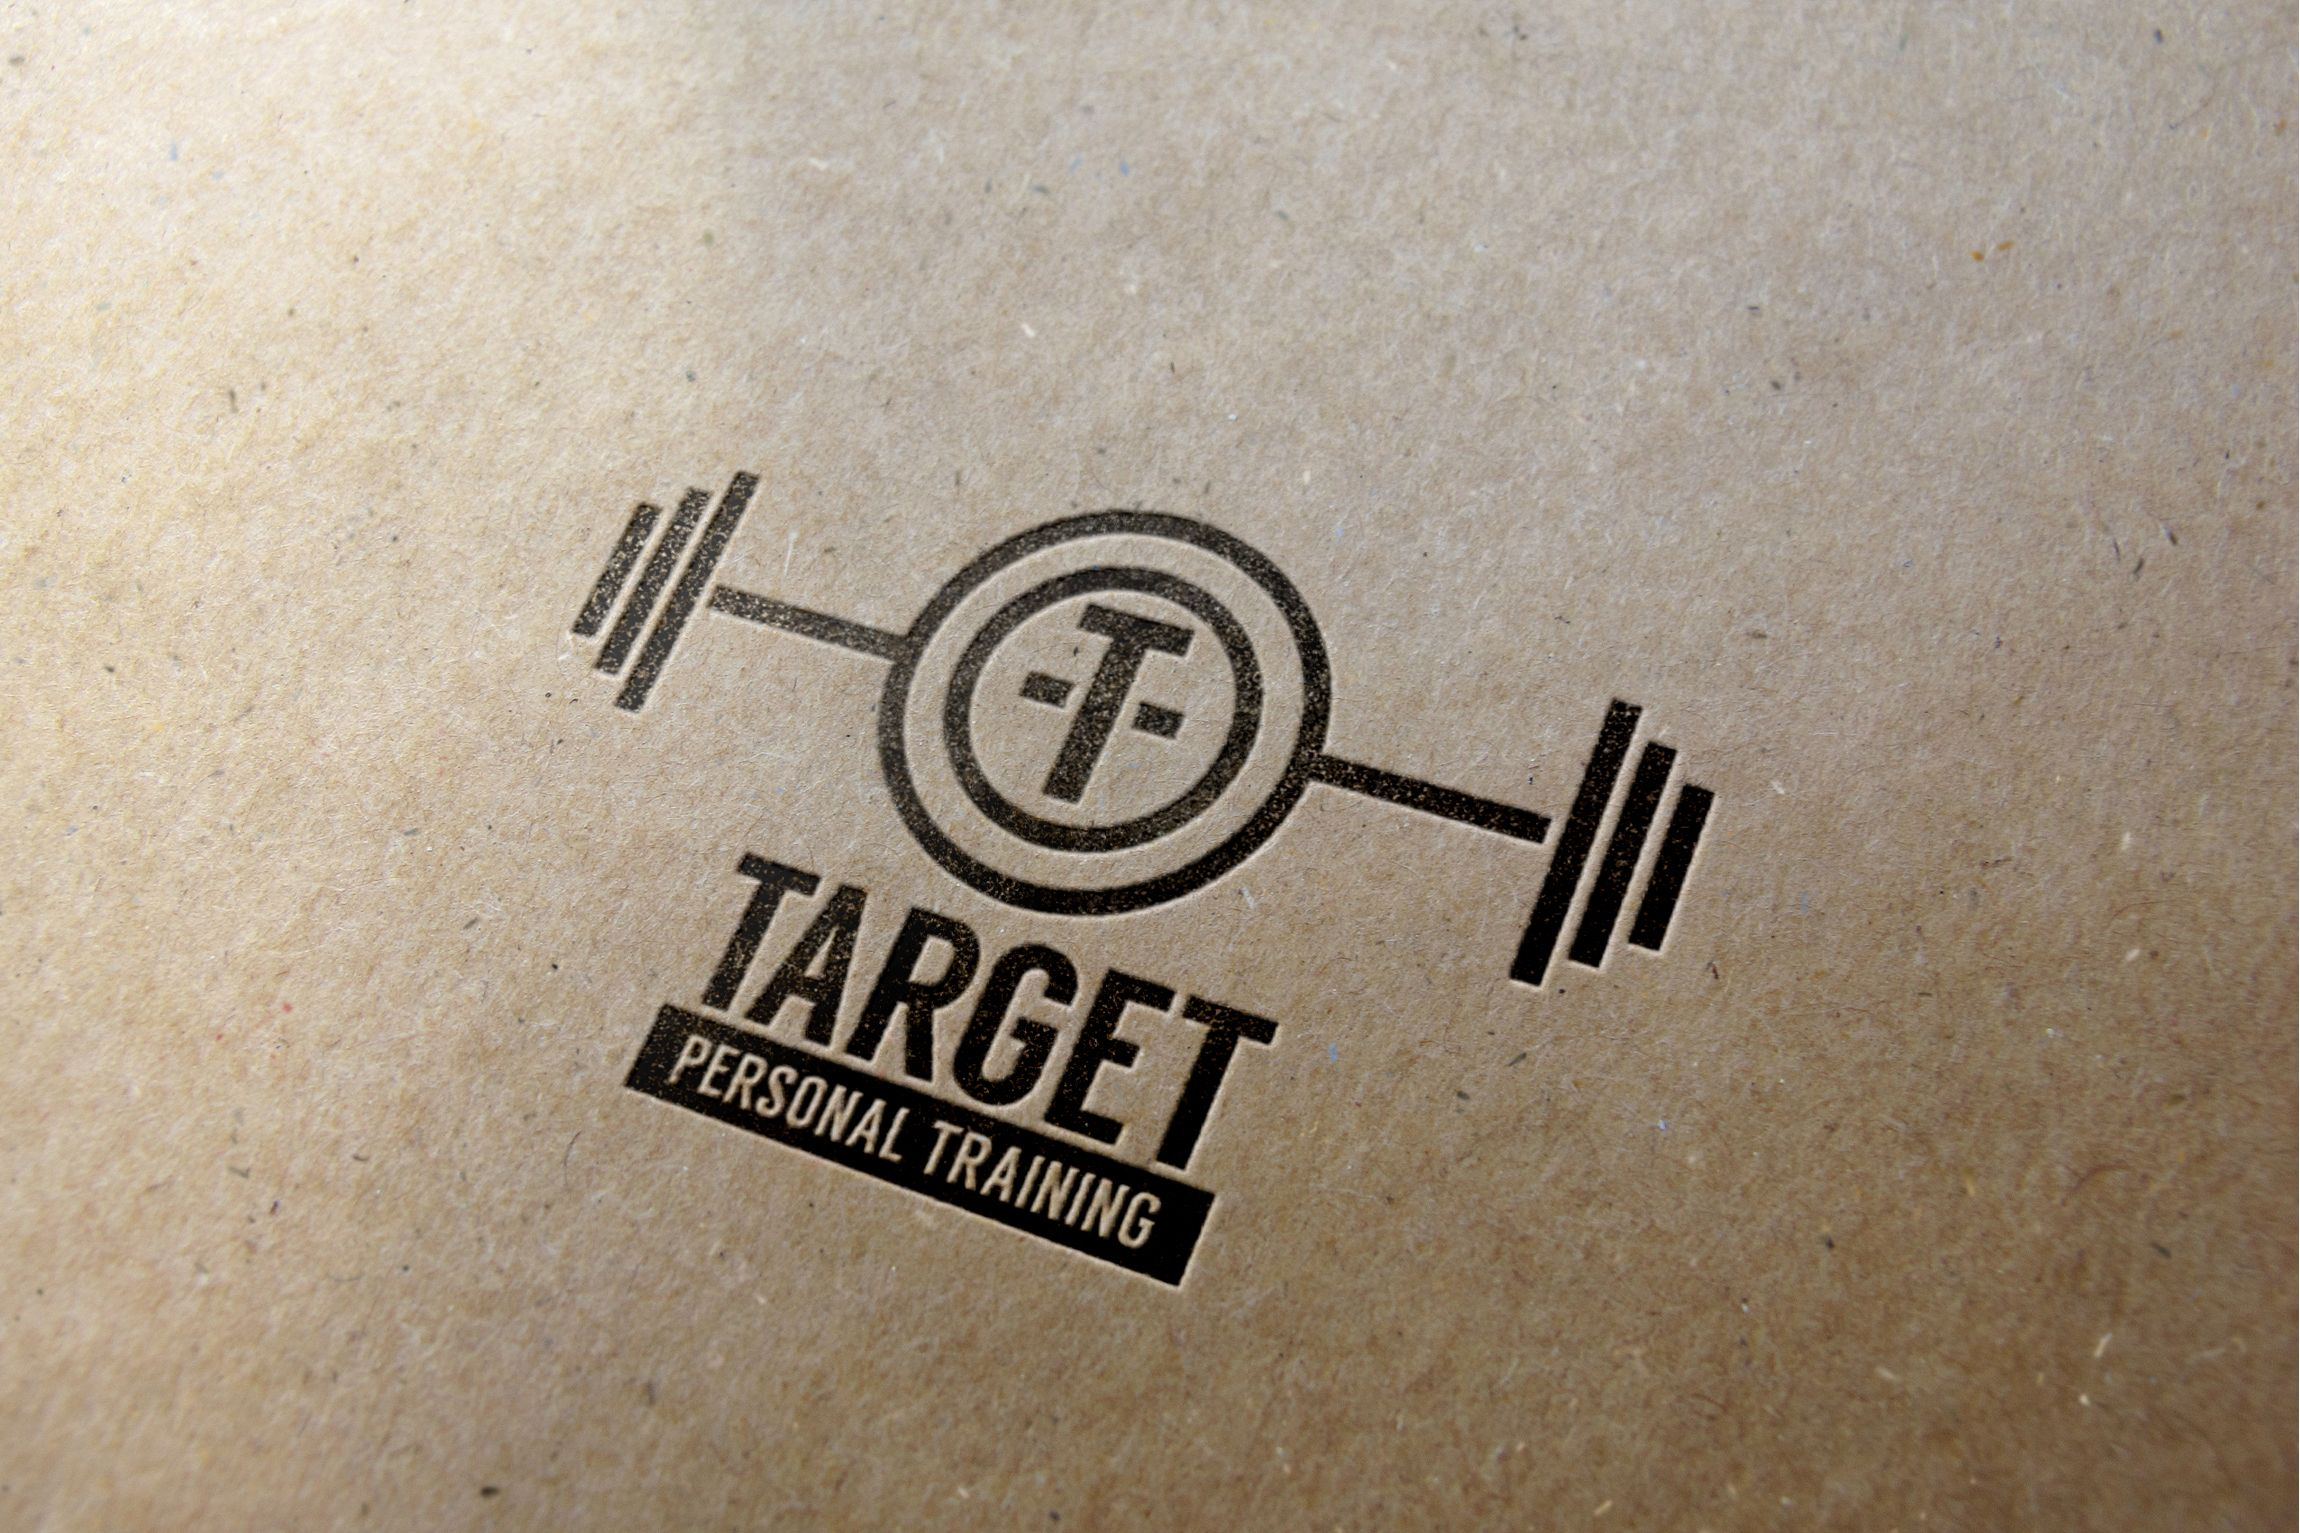 personal trainers logo Buscar con Google design